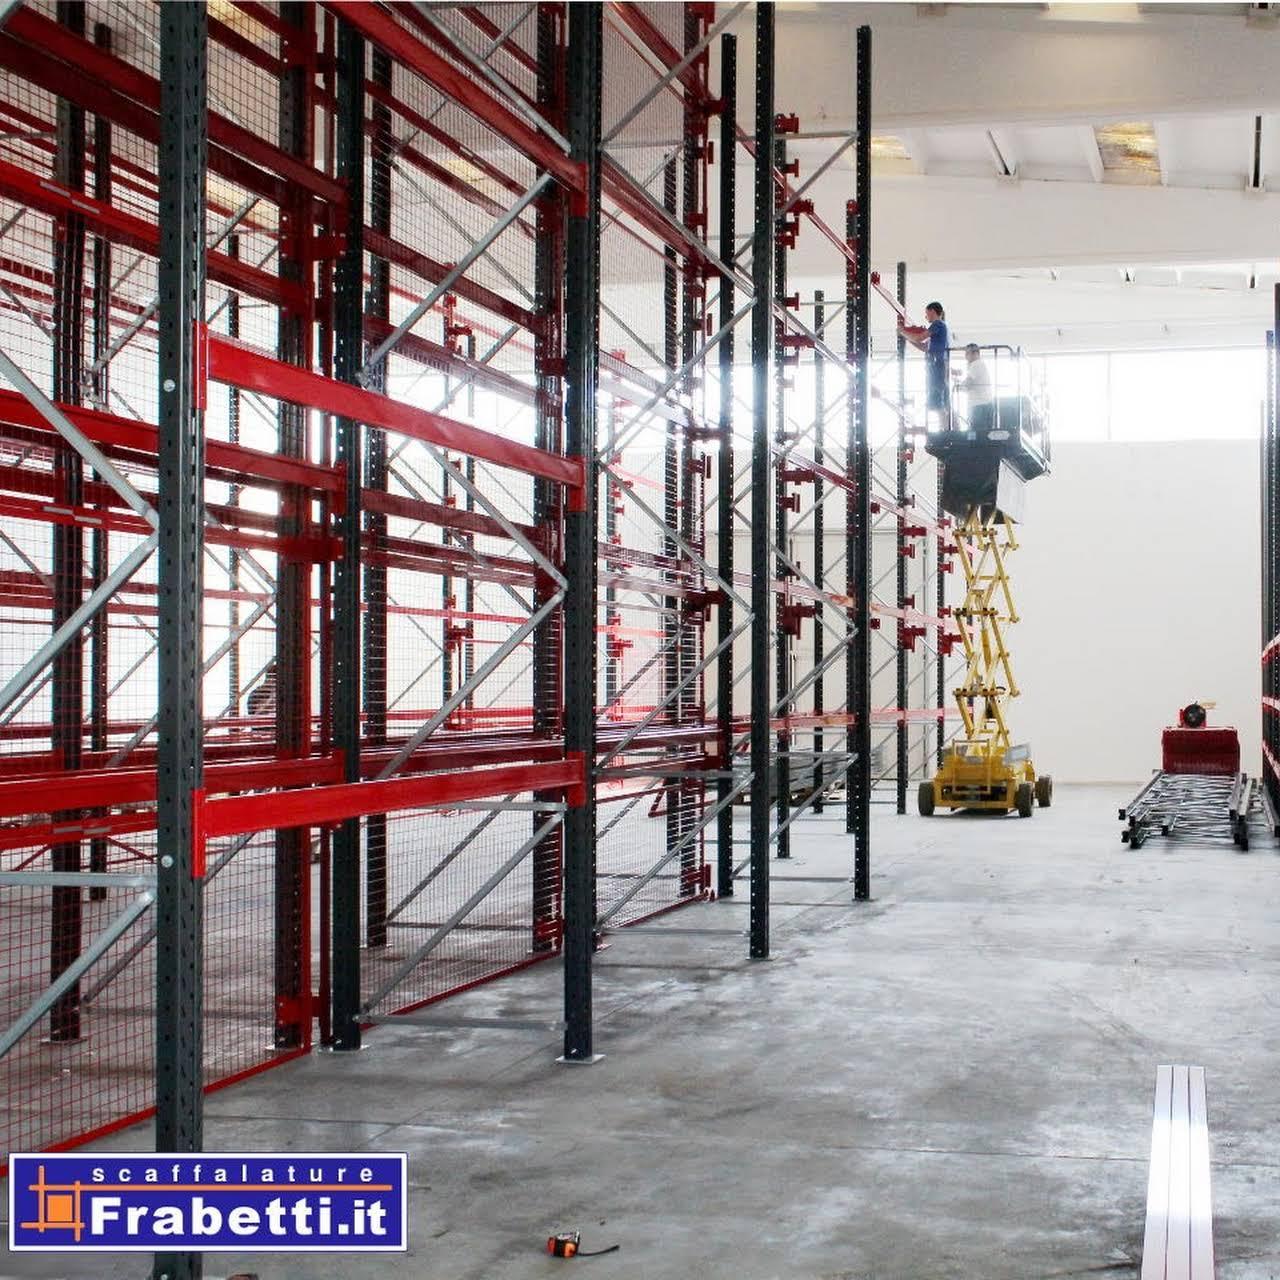 Scaffalature Metalliche Reggio Emilia.Frabetti Scaffalature Scaffalature Fornitura E Servizi Tecnici